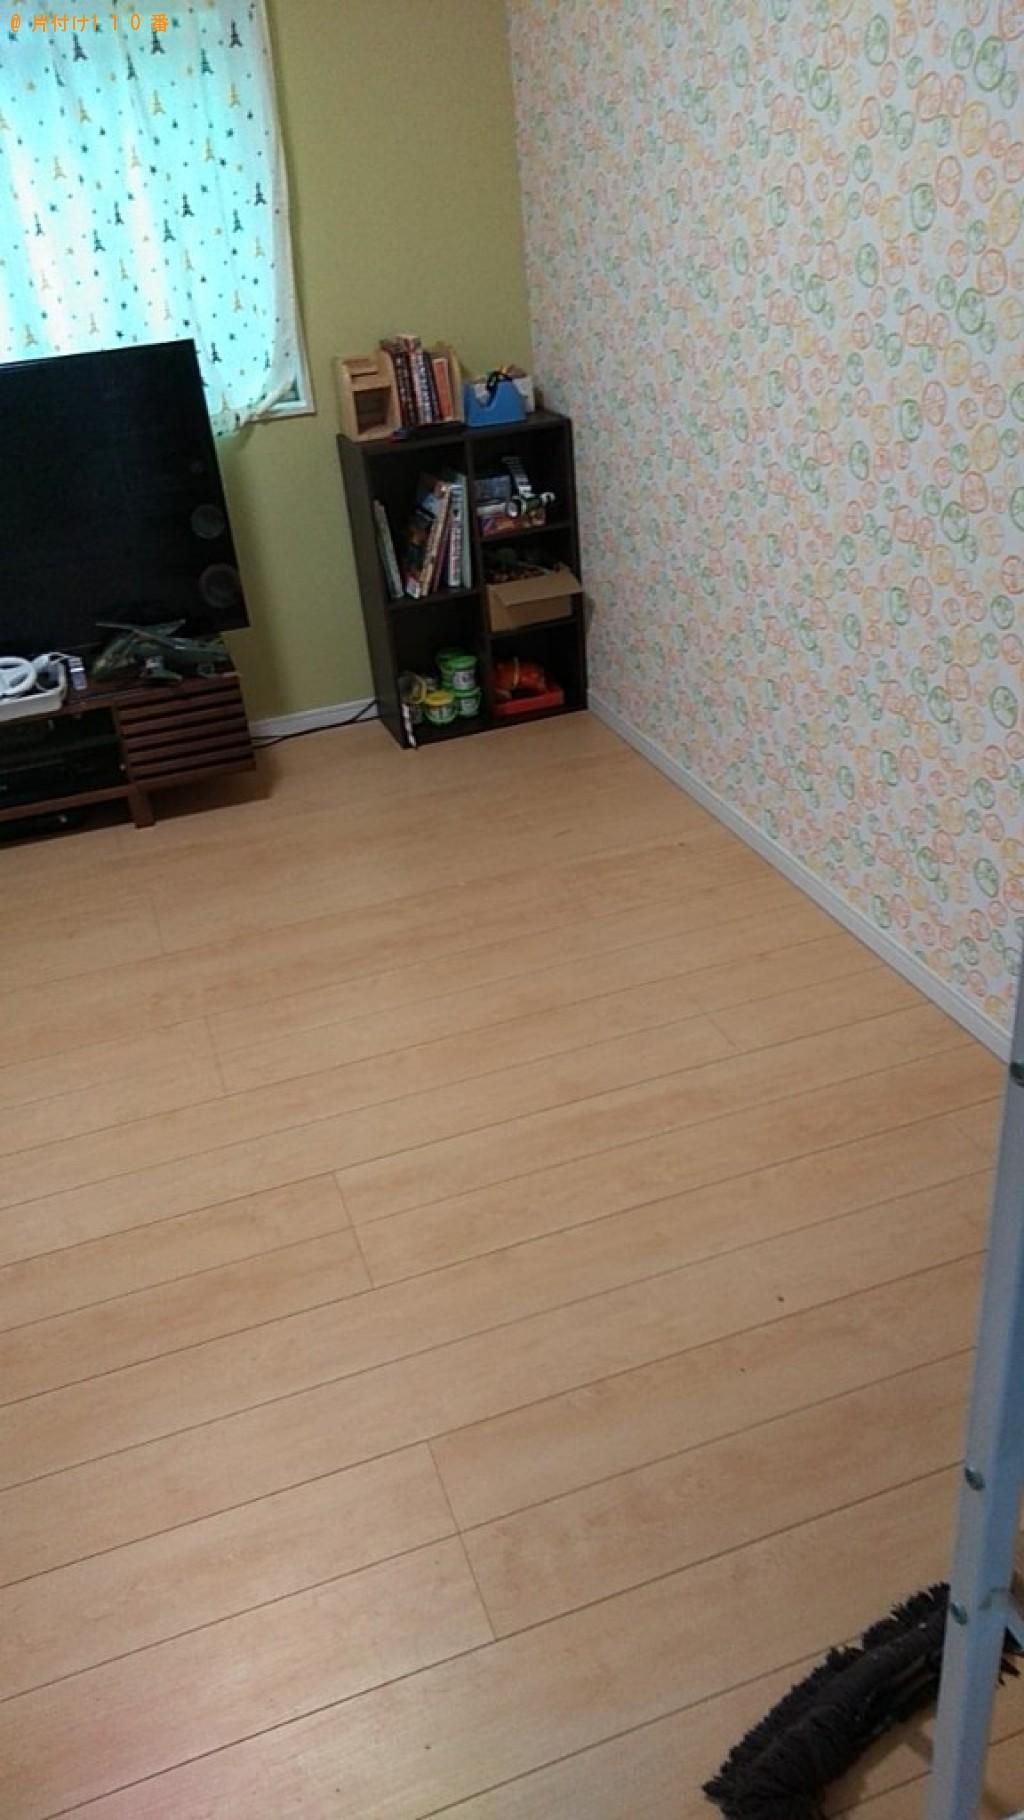 【松山市福音寺町】学習机、ぶら下がり健康器の回収・処分ご依頼